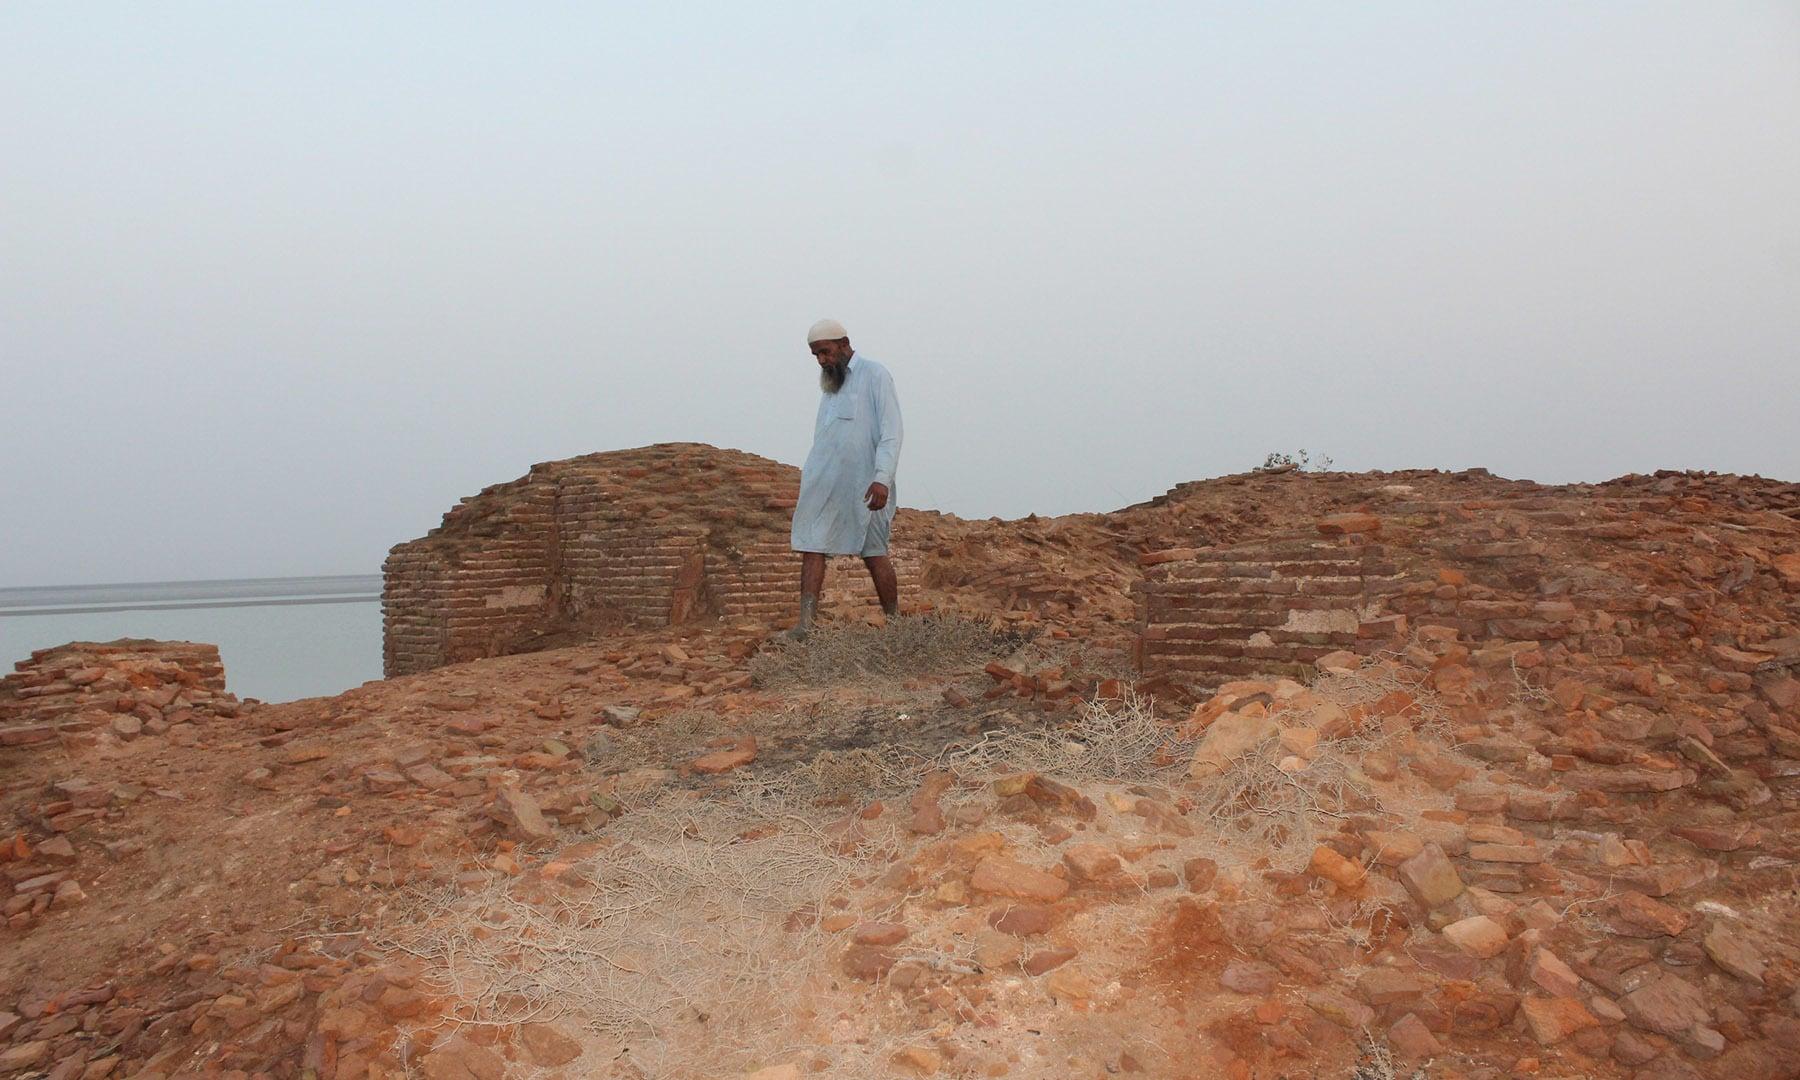 شہر پناہ کے جنوب میں ٹیکس کی کوٹھیاں—تصویر ابوبکر شیخ